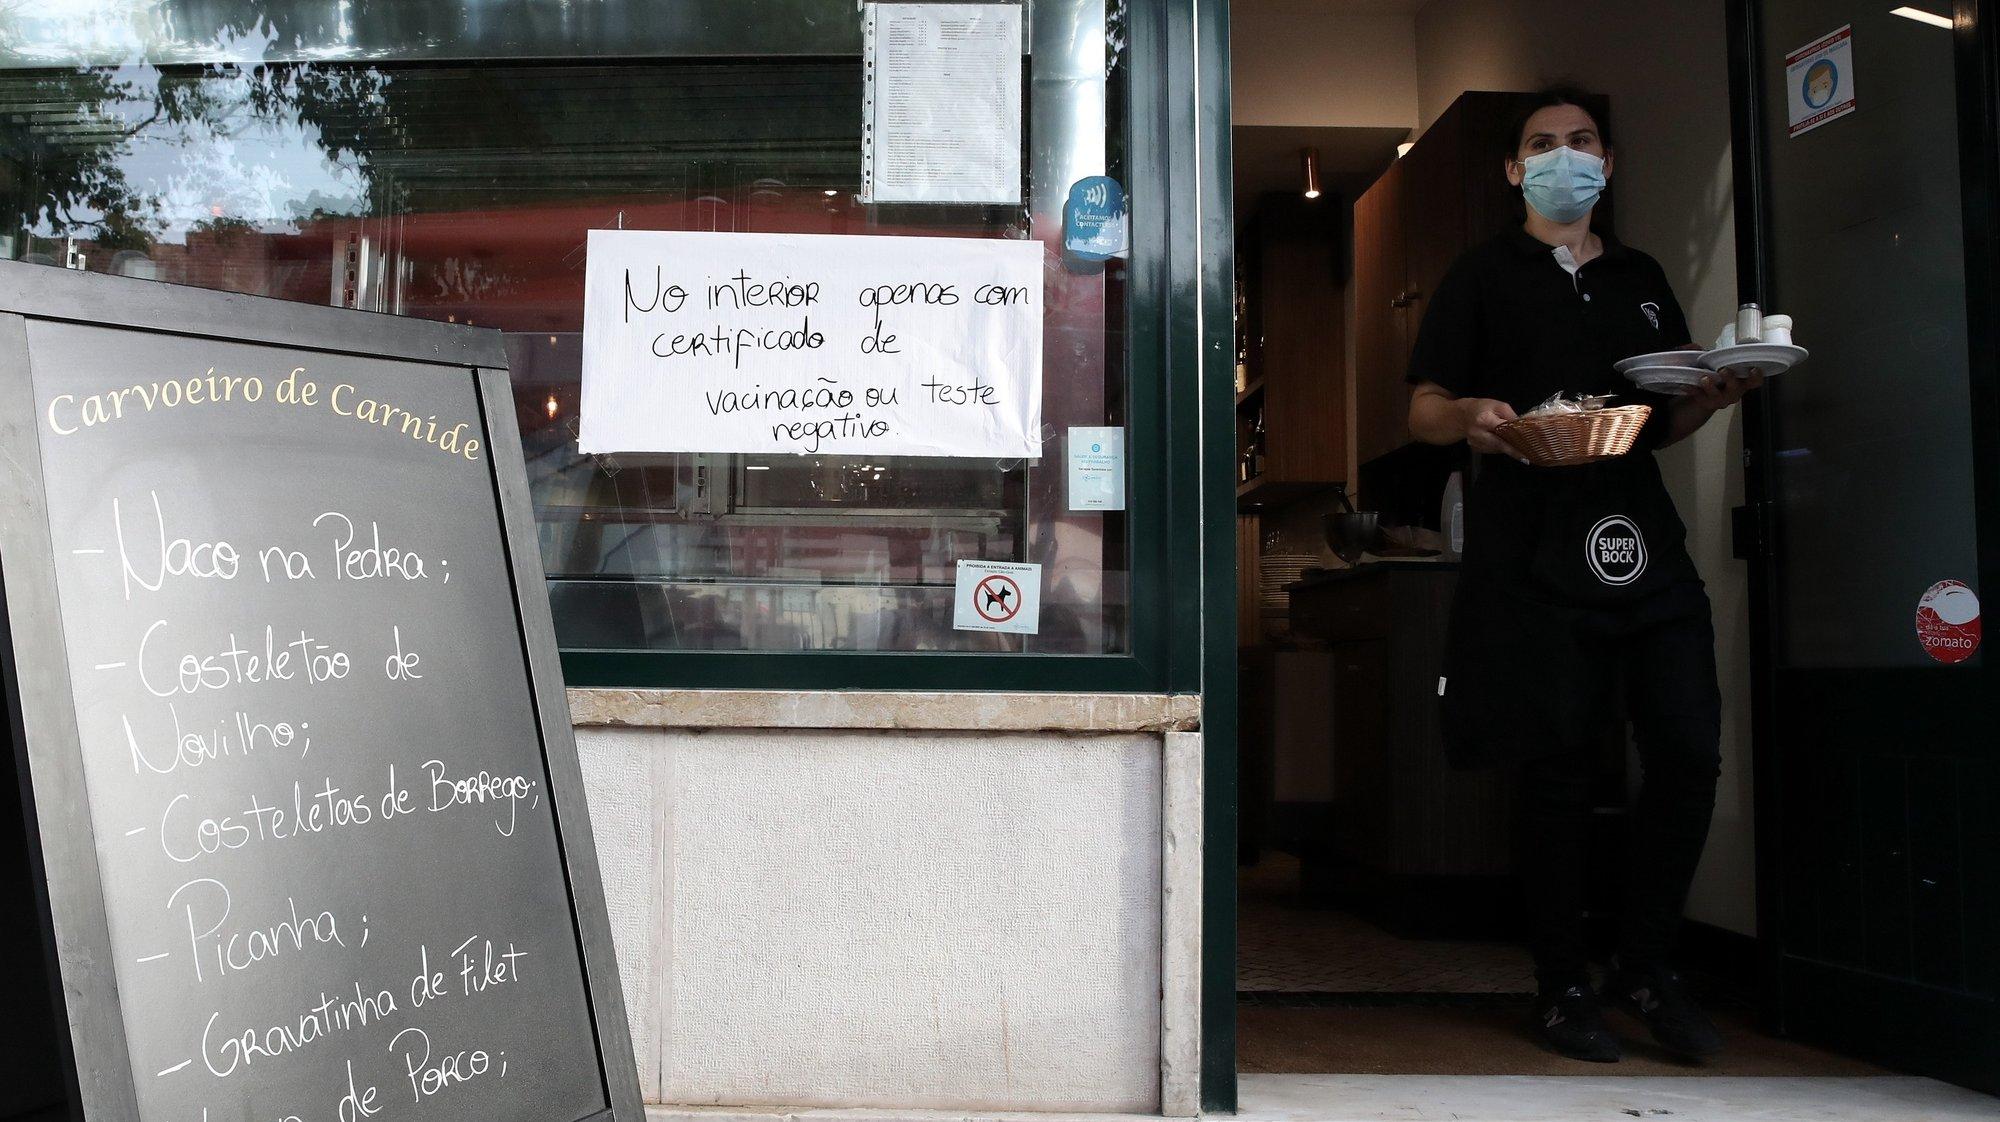 Aviso sobre certificado digital ou teste à entrada de um restaurante em Lisboa, após o Governo decreta que os restaurantes em concelhos de risco elevado ou muito elevado – um total de 60 – passam a ter de exigir certificado digital ou teste negativo à covid-19 a partir das 19:00 de sexta-feira e aos fins de semana para refeições no interior, Lisboa, 10 de julho de 2021. As pessoas em esplanadas que precisarem de entrar nos restaurantes para acesso aos serviços comuns, como instalações sanitárias, ou para efetuarem pagamento, estão dispensadas de apresentar um teste negativo à covid-19 ou o certificado digital. MANUEL DE ALMEIDA/LUSA